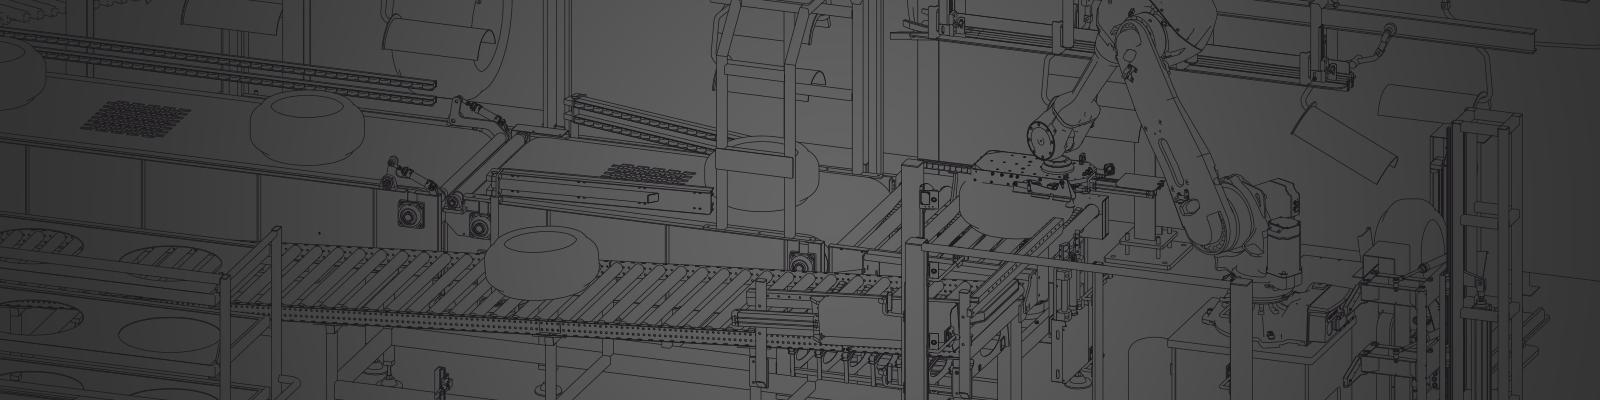 BKG-Slide-Automazioni